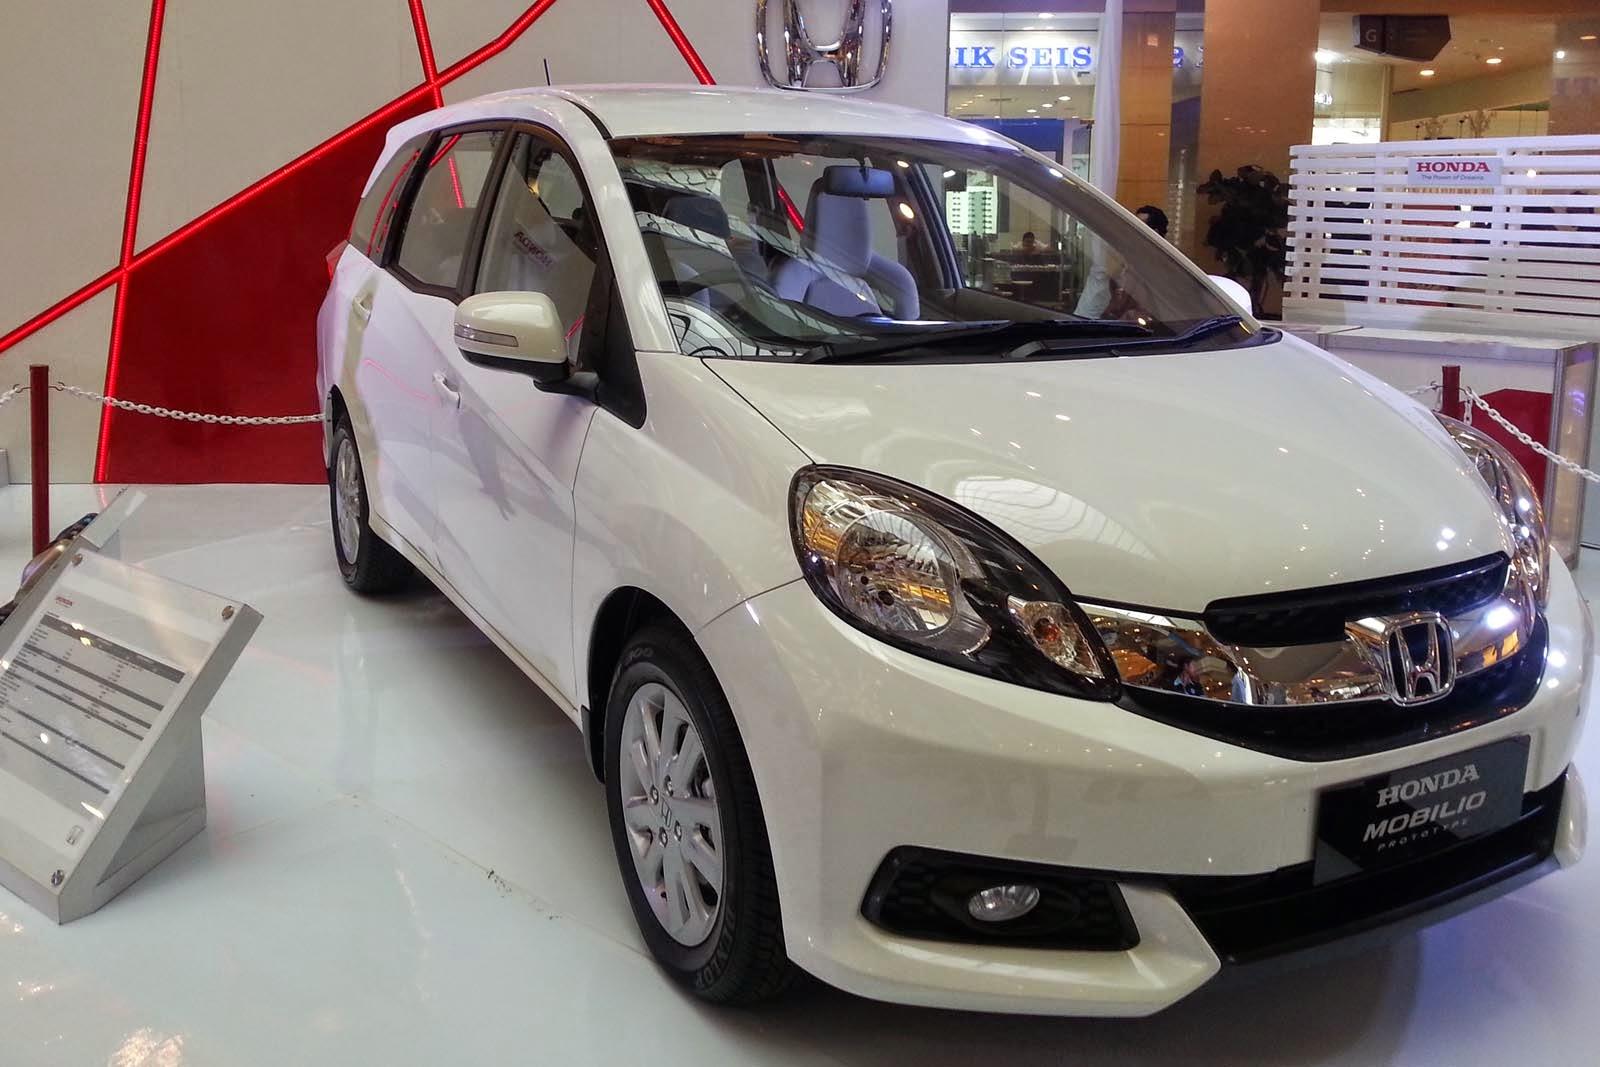 Ukuran Wiper Grand New Avanza 2015 Harga All Agya Trd 2018 Kumpulan Modifikasi Mobil Honda Mobilio 2017